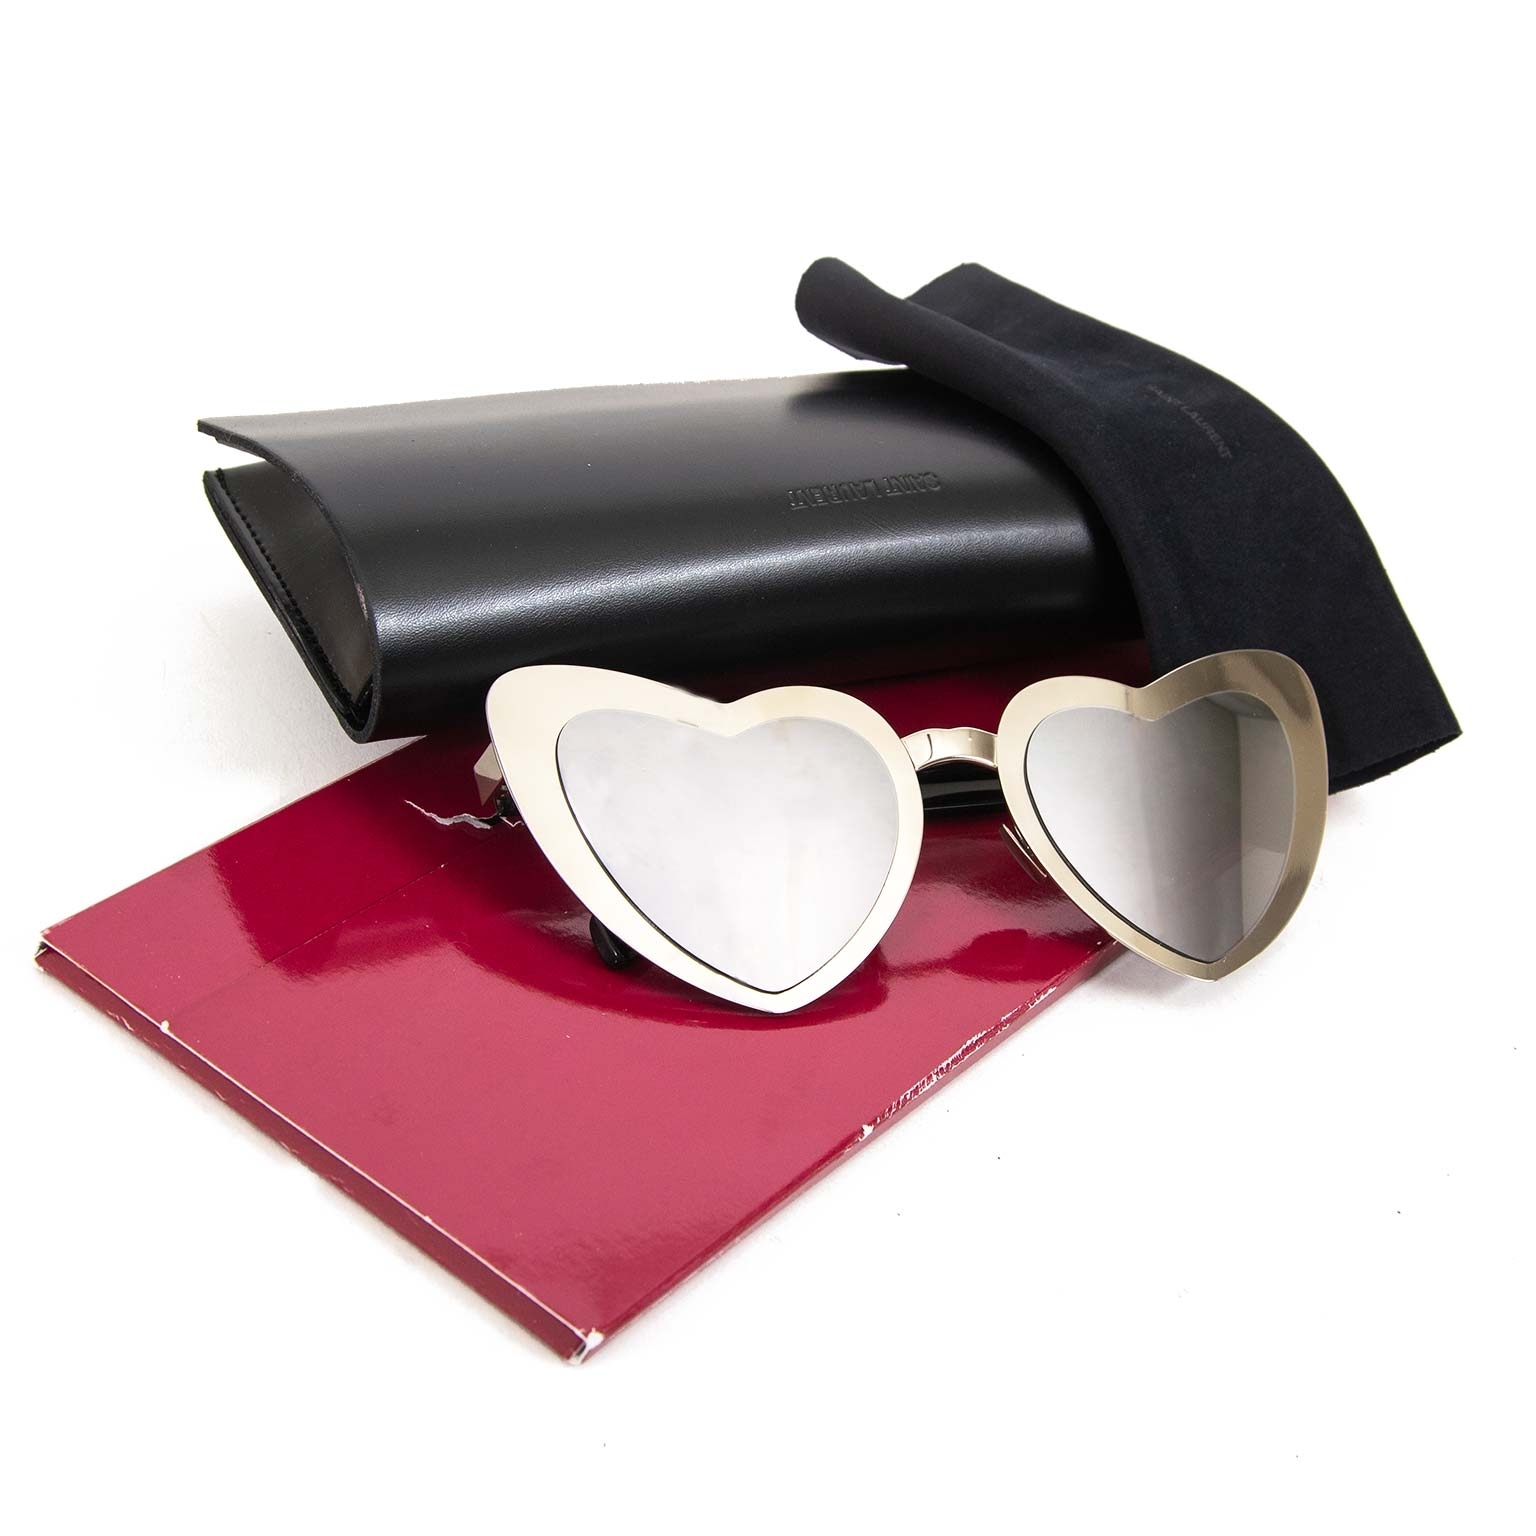 5d91d1914 ... yves saint laurent loulou sunglasses now for sale at labellov vintage  fashion webshop belgium